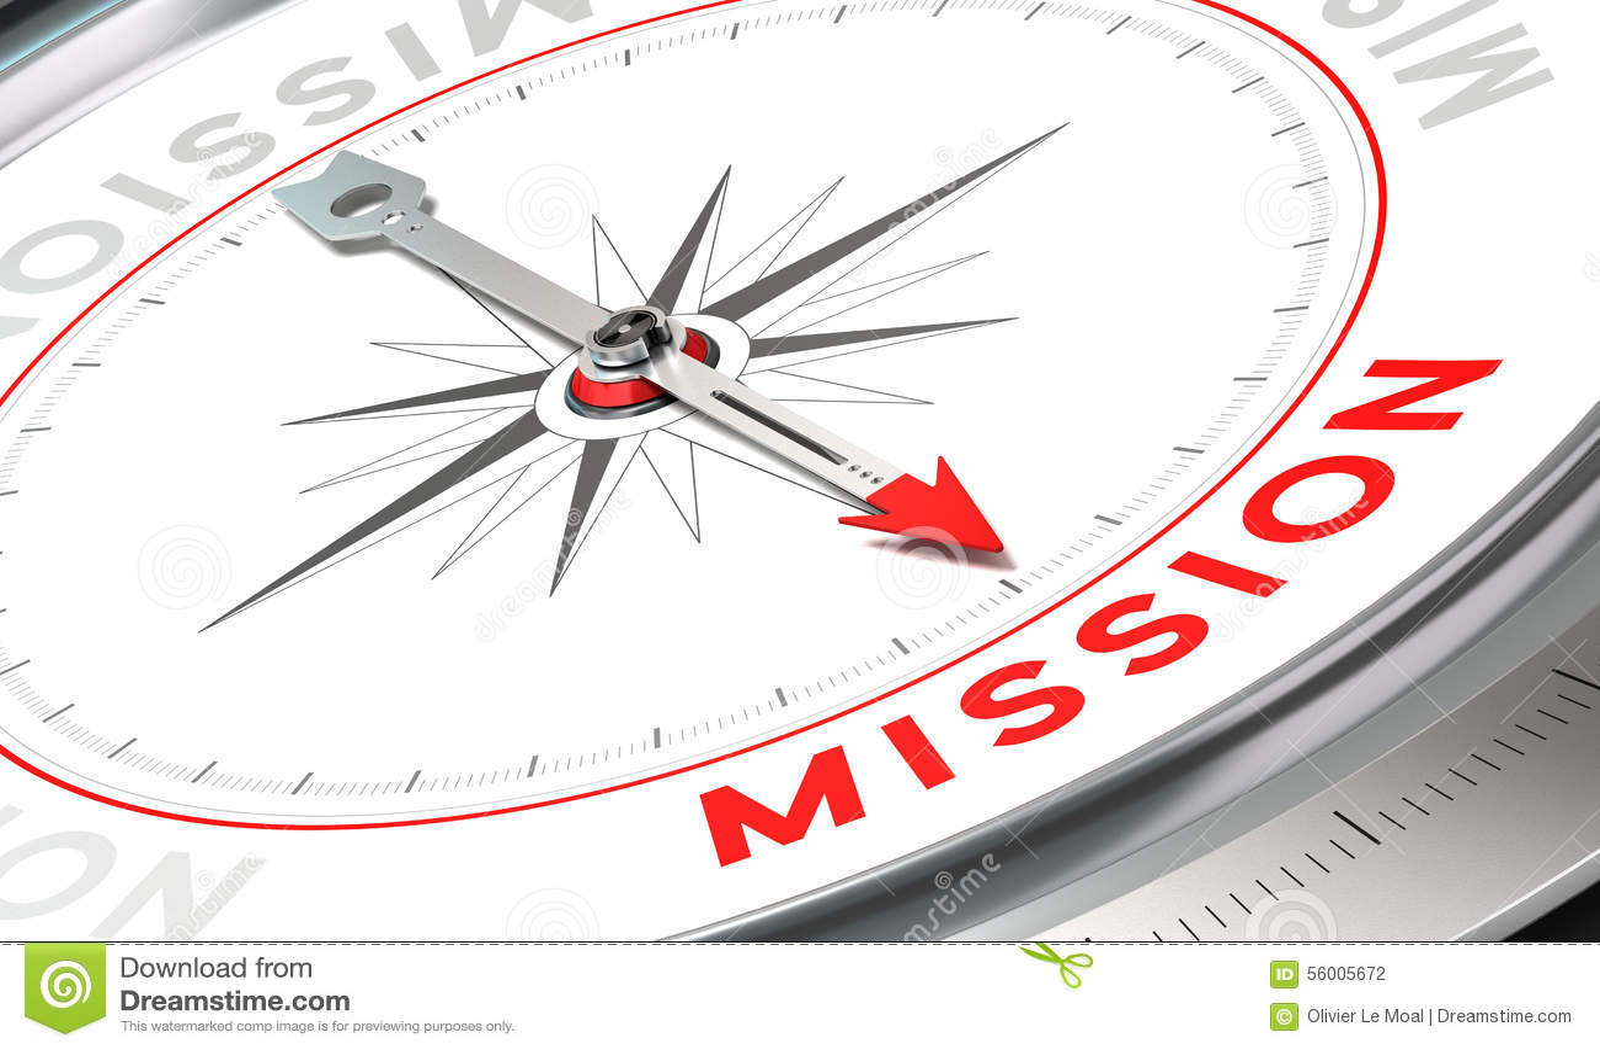 Declaración de la compañía, misión